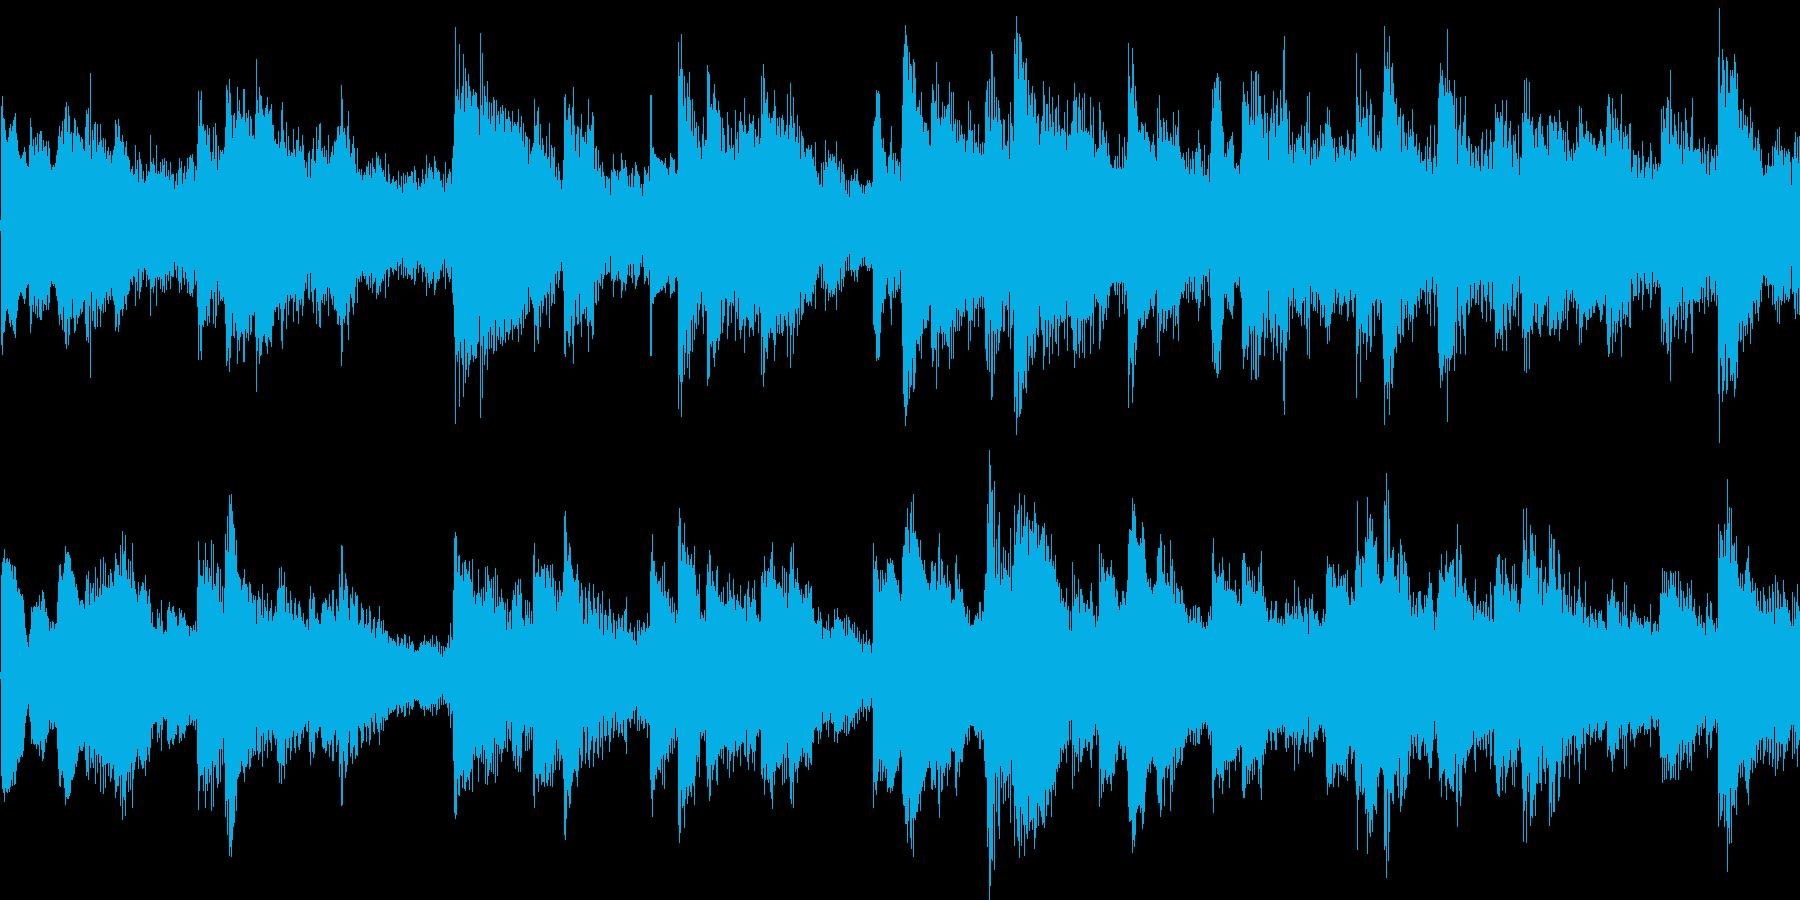 ピアノとストリングスの悲しいBGMループの再生済みの波形